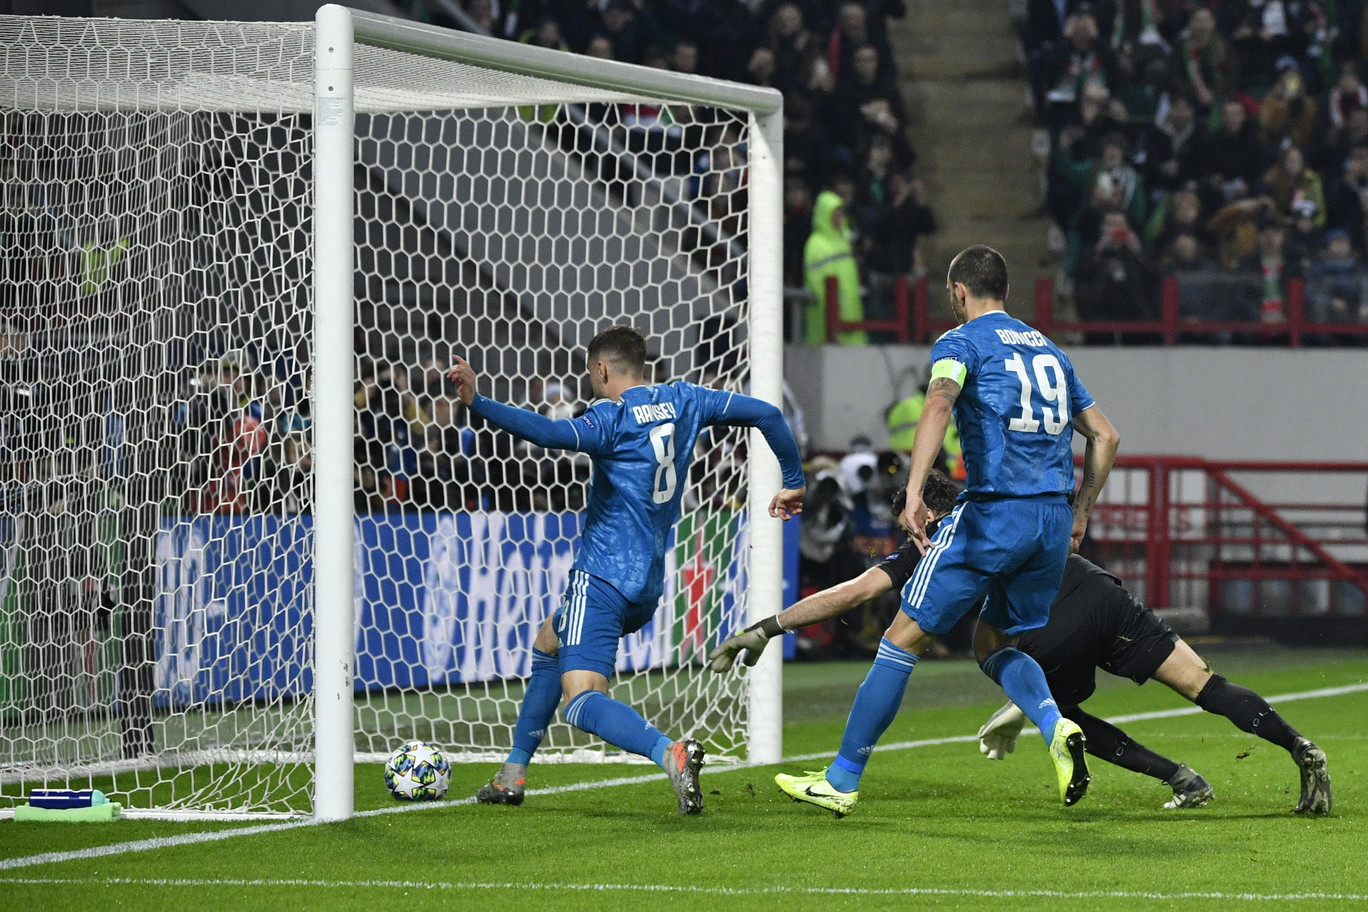 Una rete di Douglas Costa, al 93', consegna alla Juve gli ottavi di finale di Champions con due giornate d'anticipo. A Mosca, contro la Lokomo...